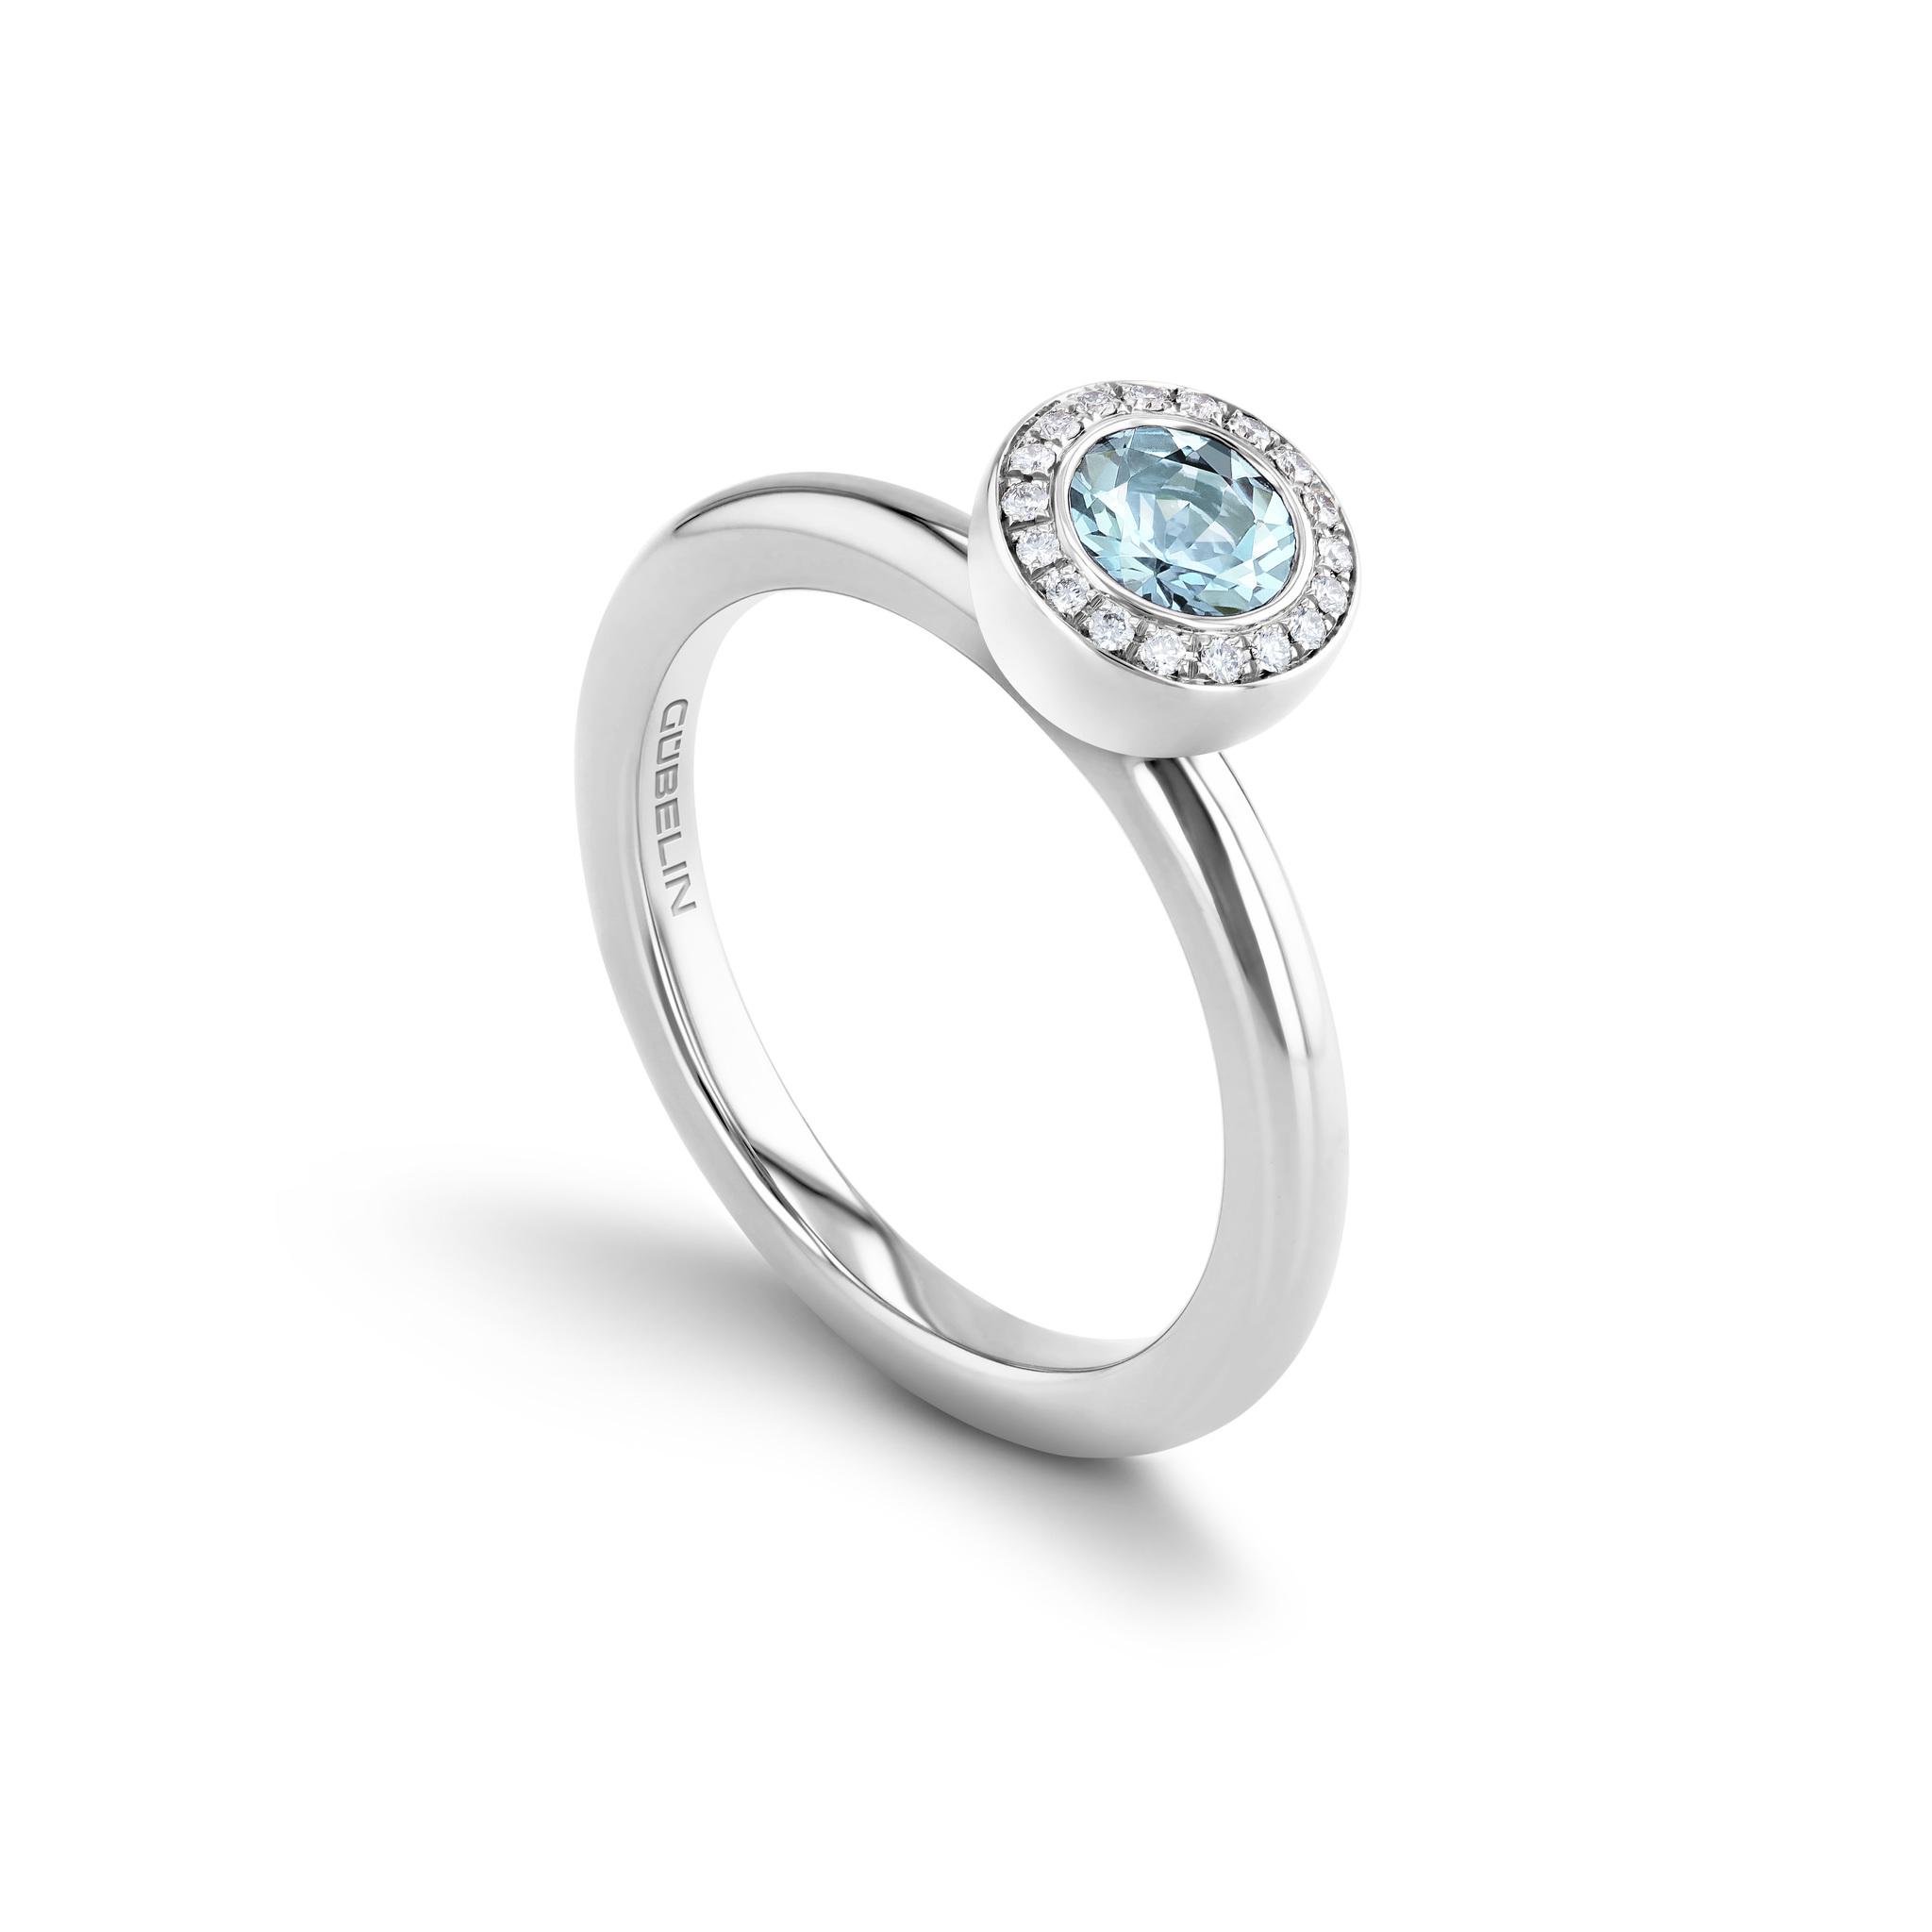 戒指镶嵌蓝晶